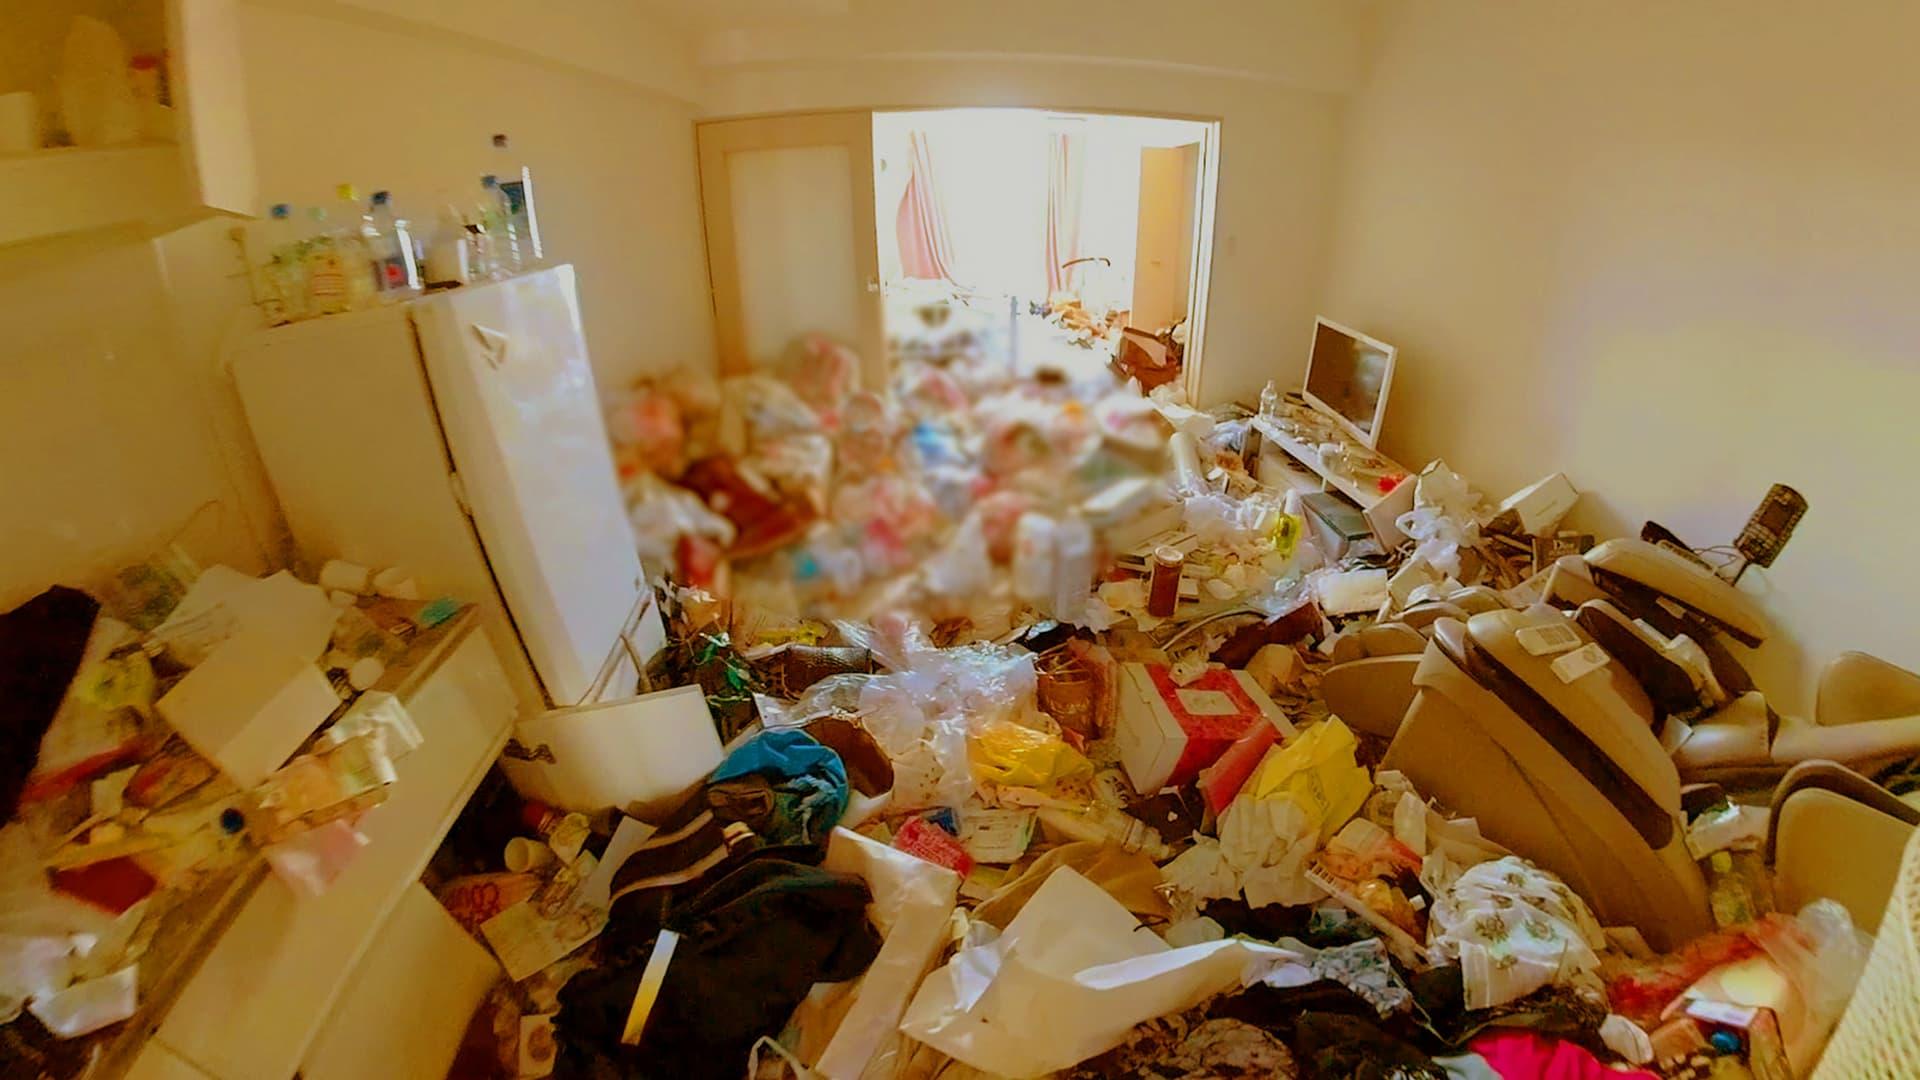 ゴミとモノでいっぱいの部屋の写真